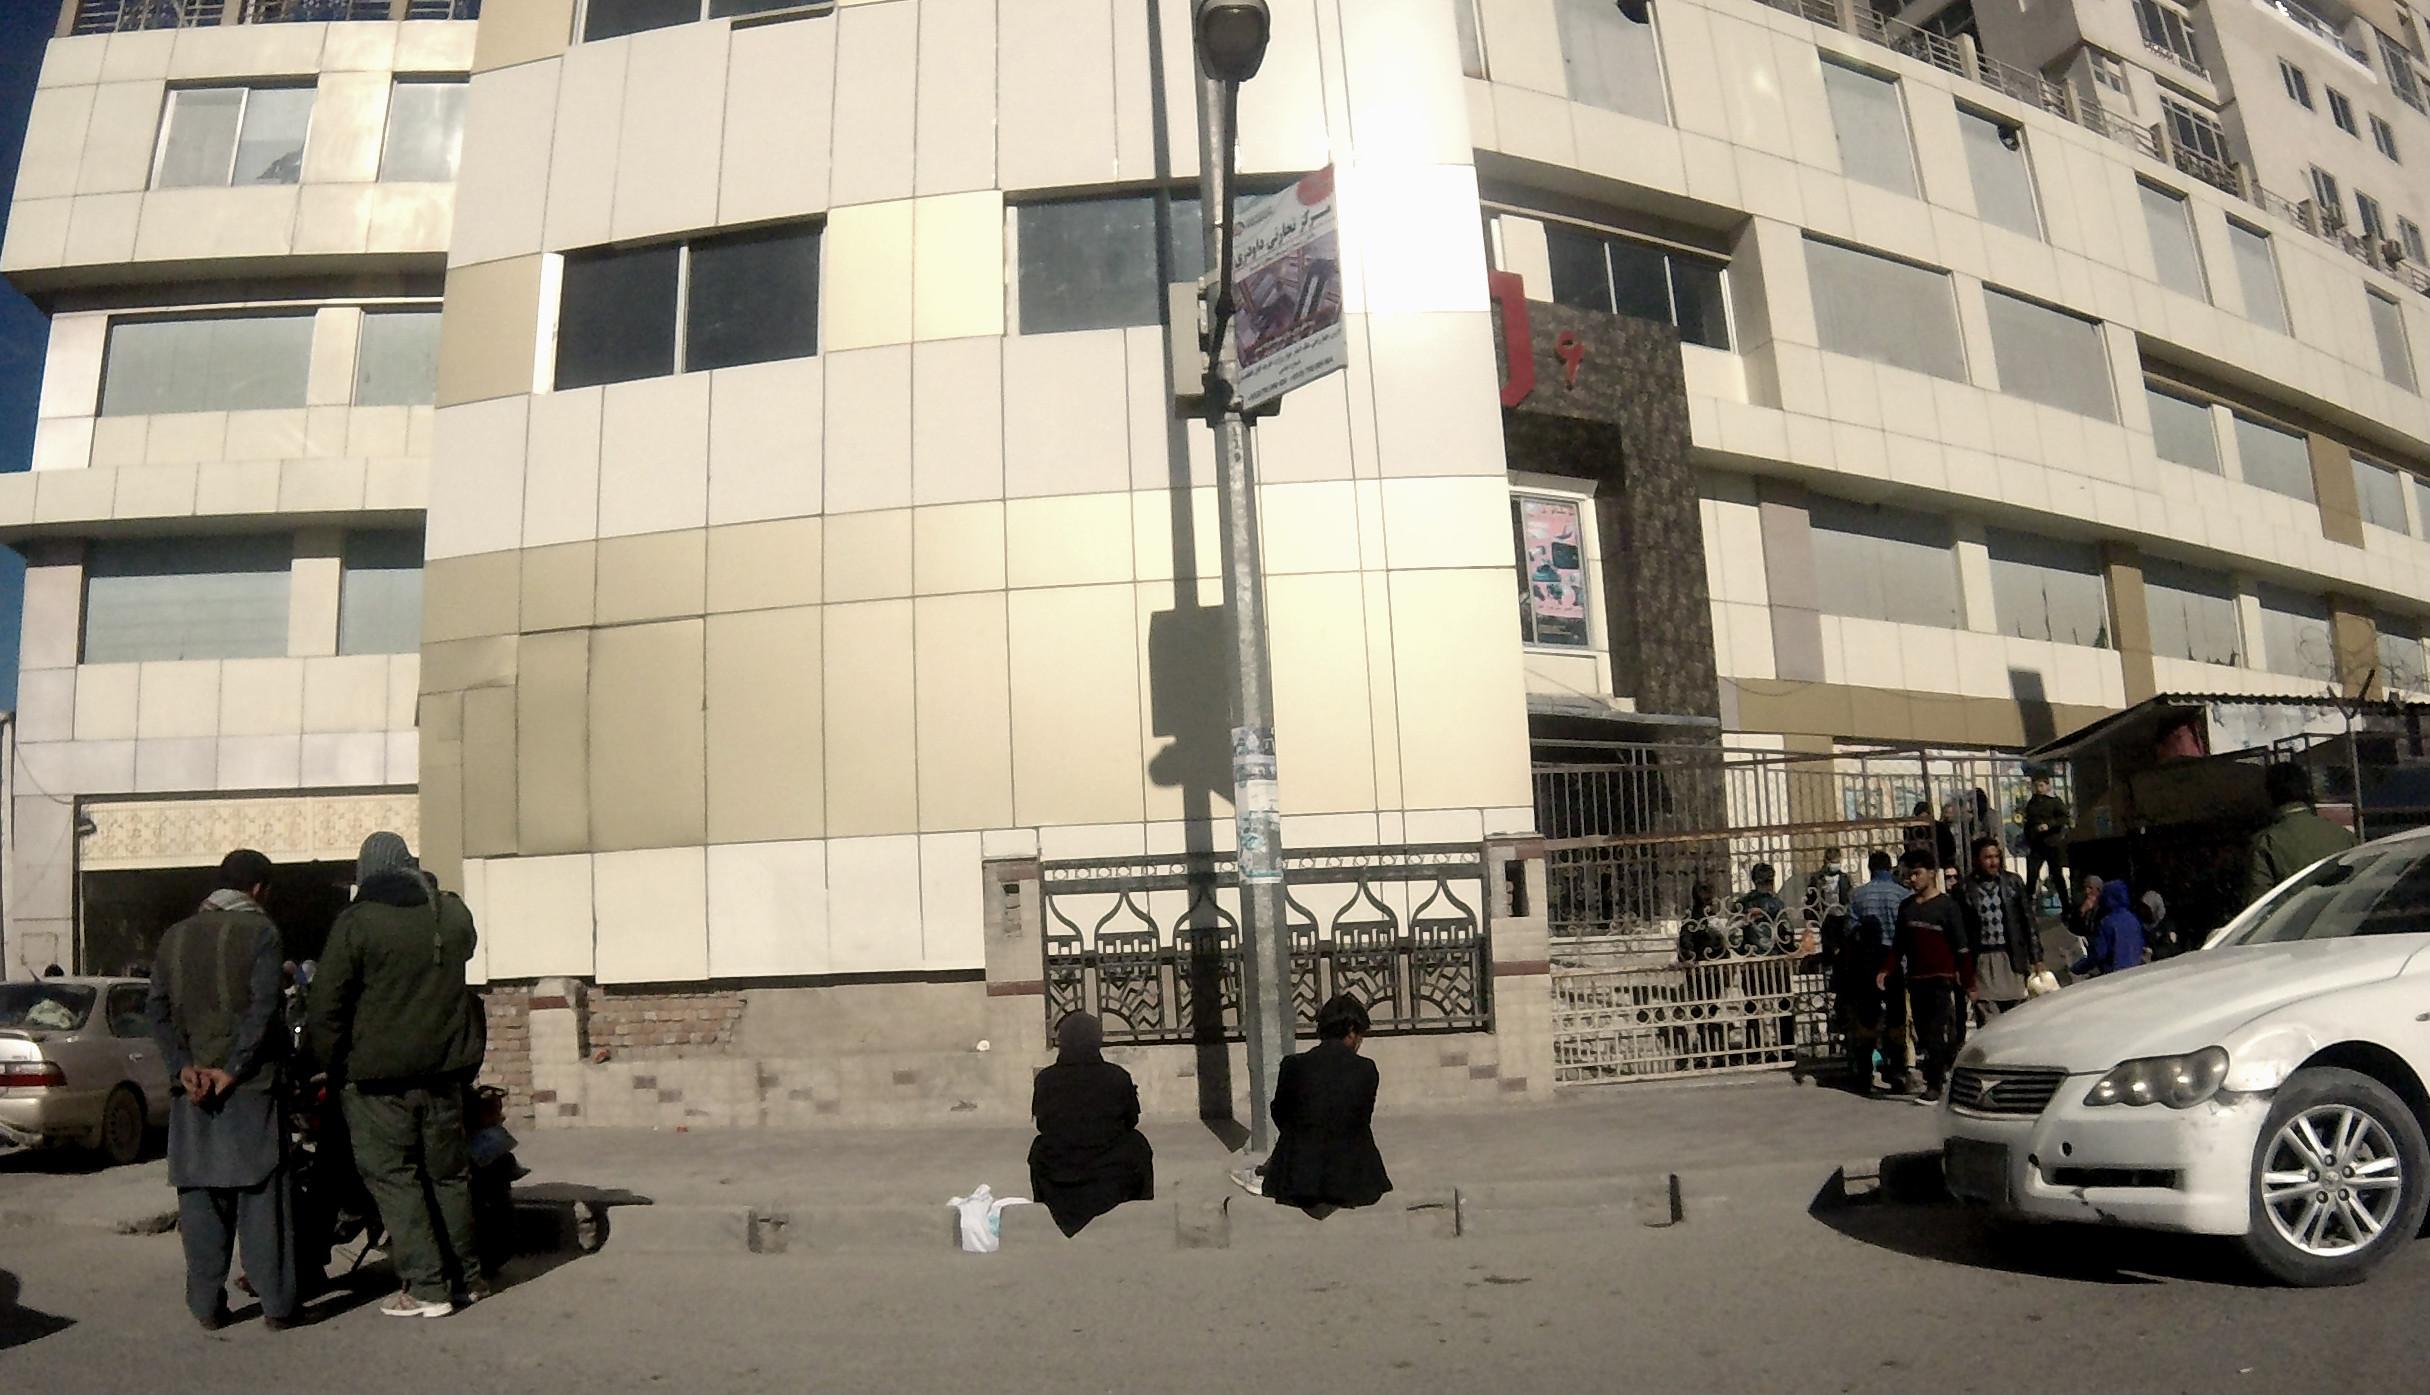 afghan streets